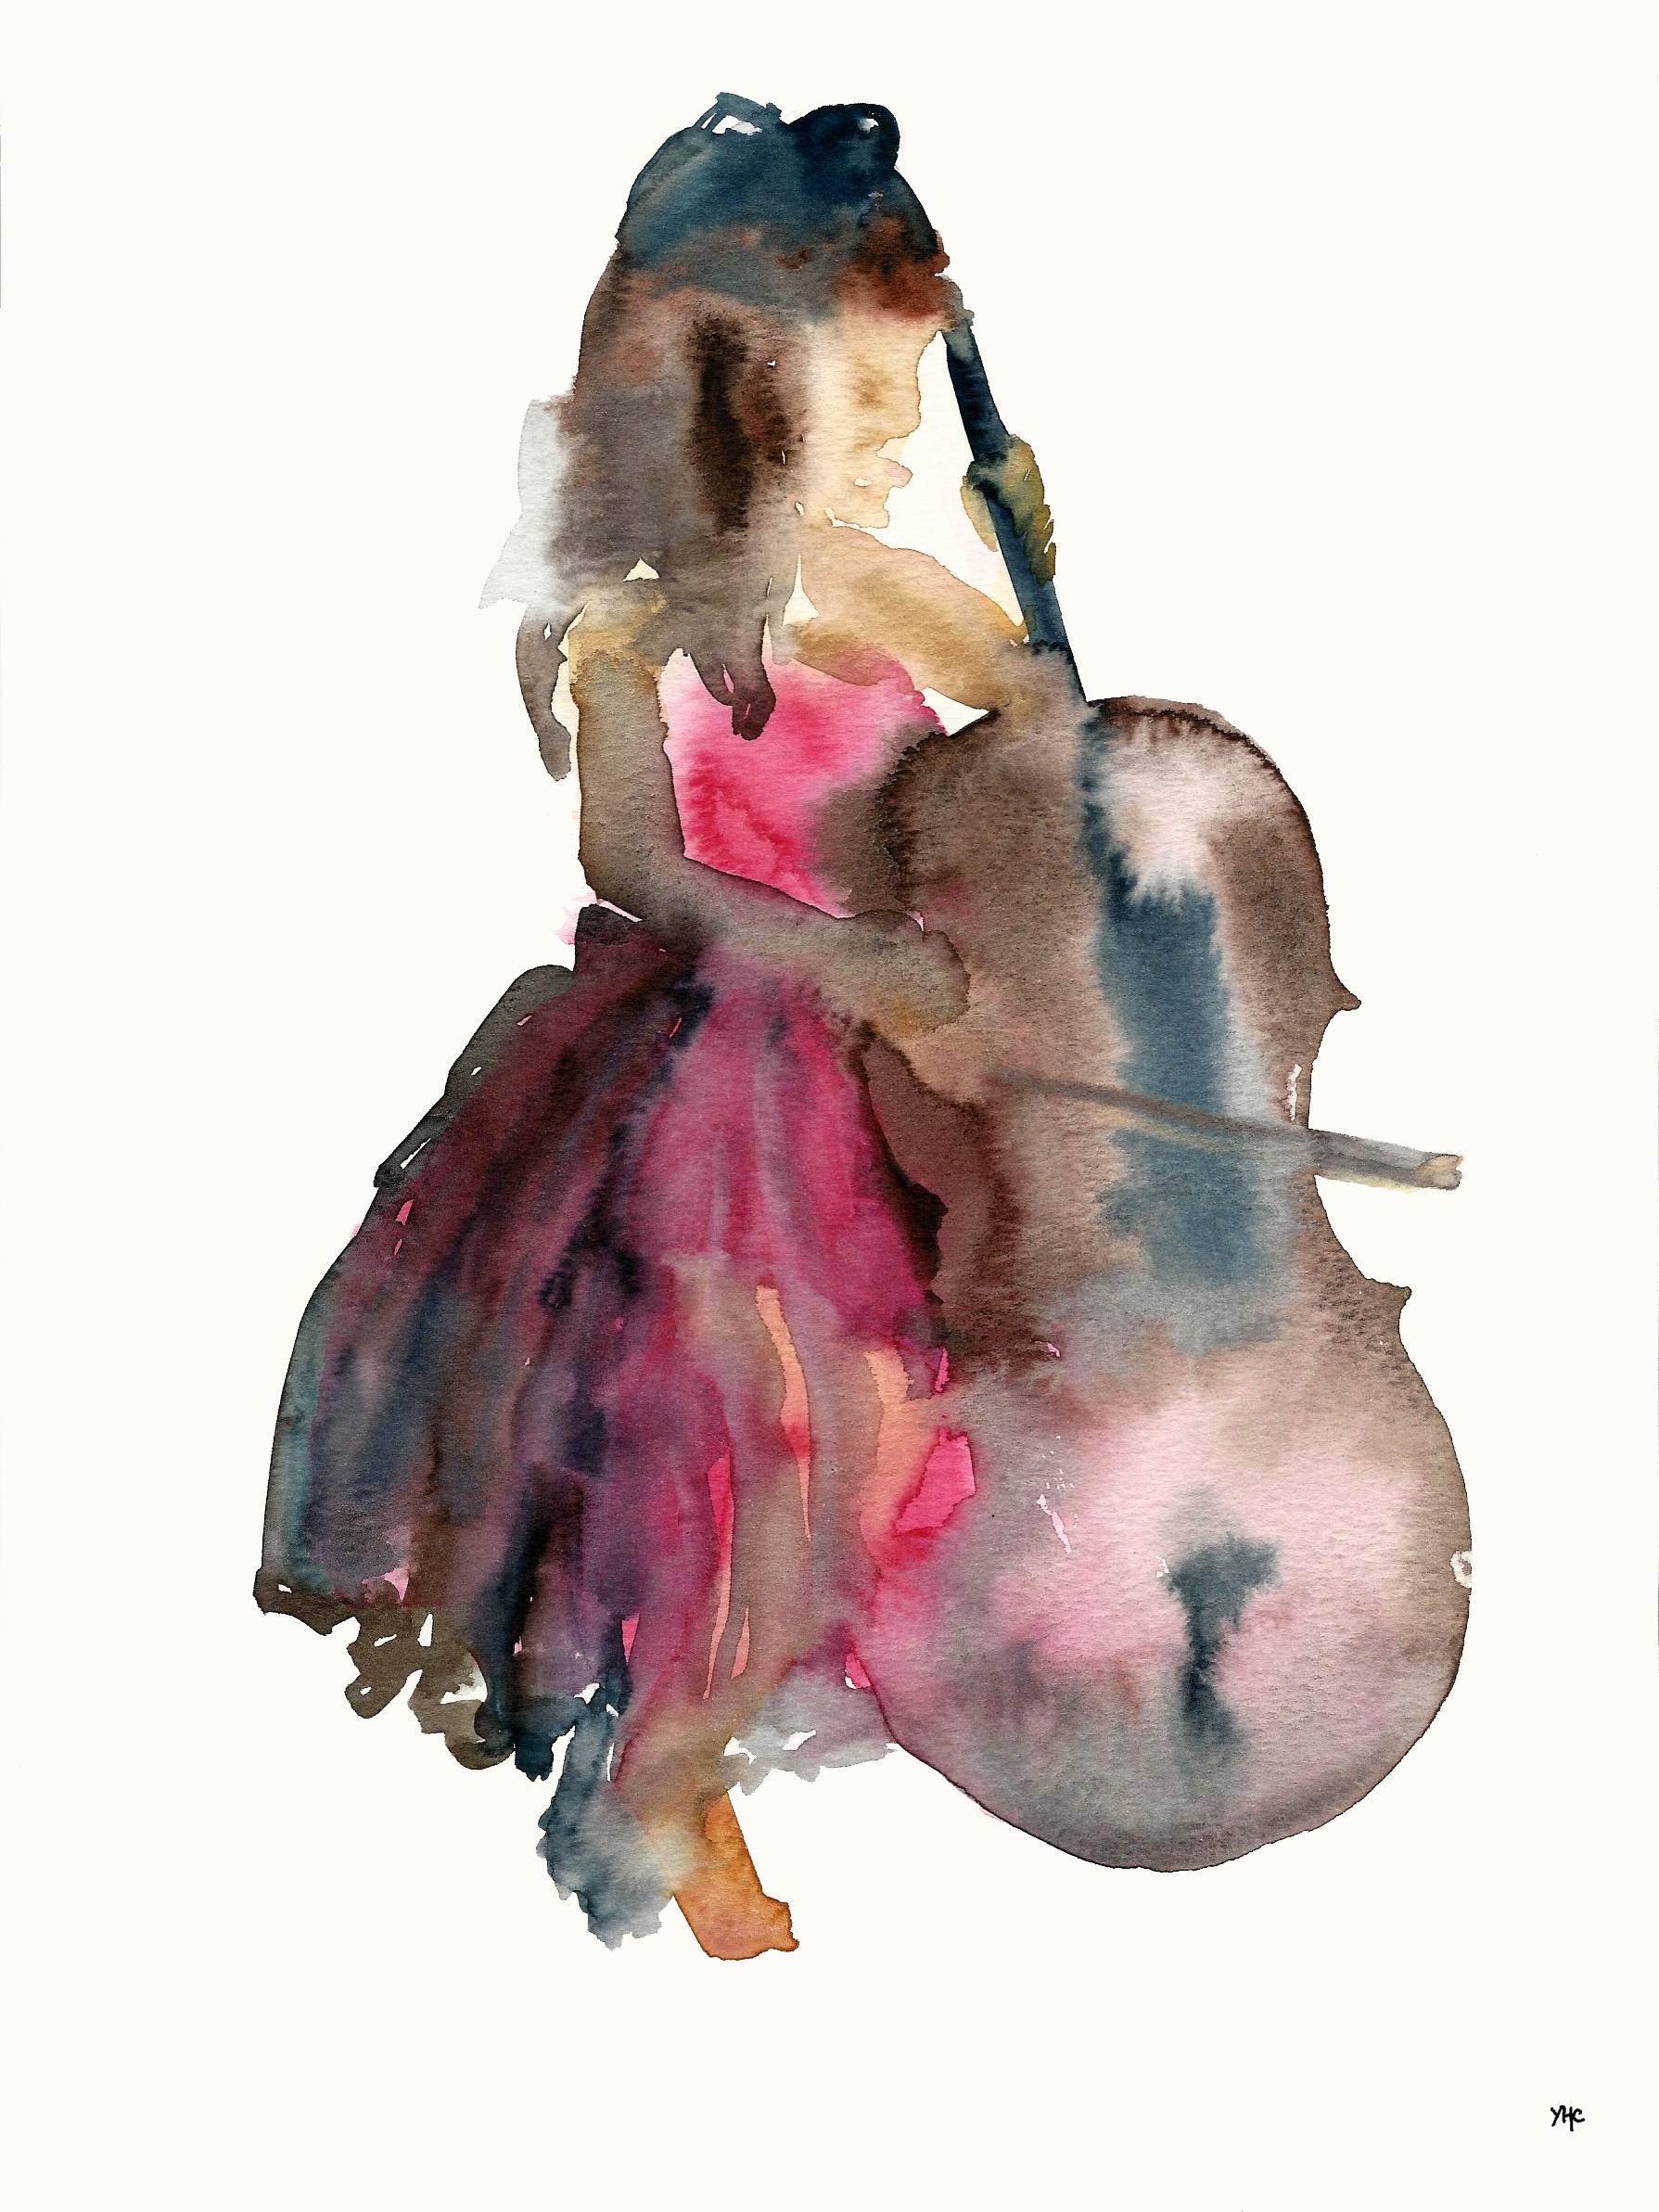 A Cello Day